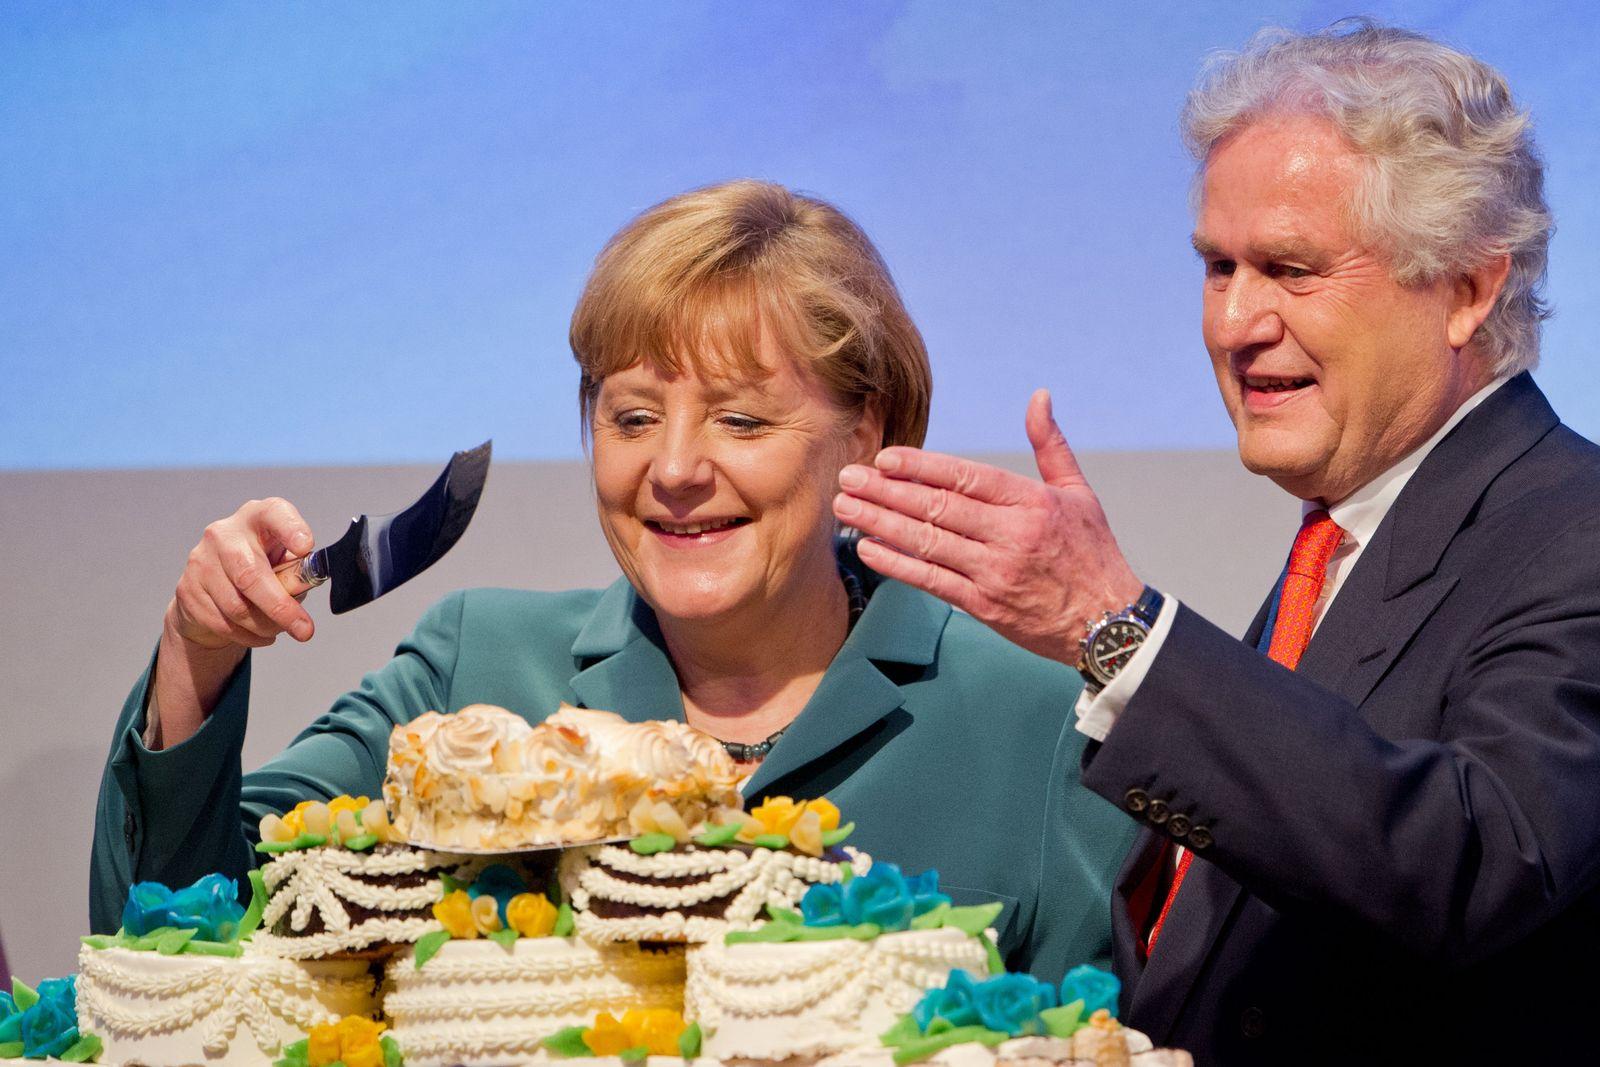 CDU-Wirtschaftstag / Wirtschaftsrat / Angela Merkel mit Torte